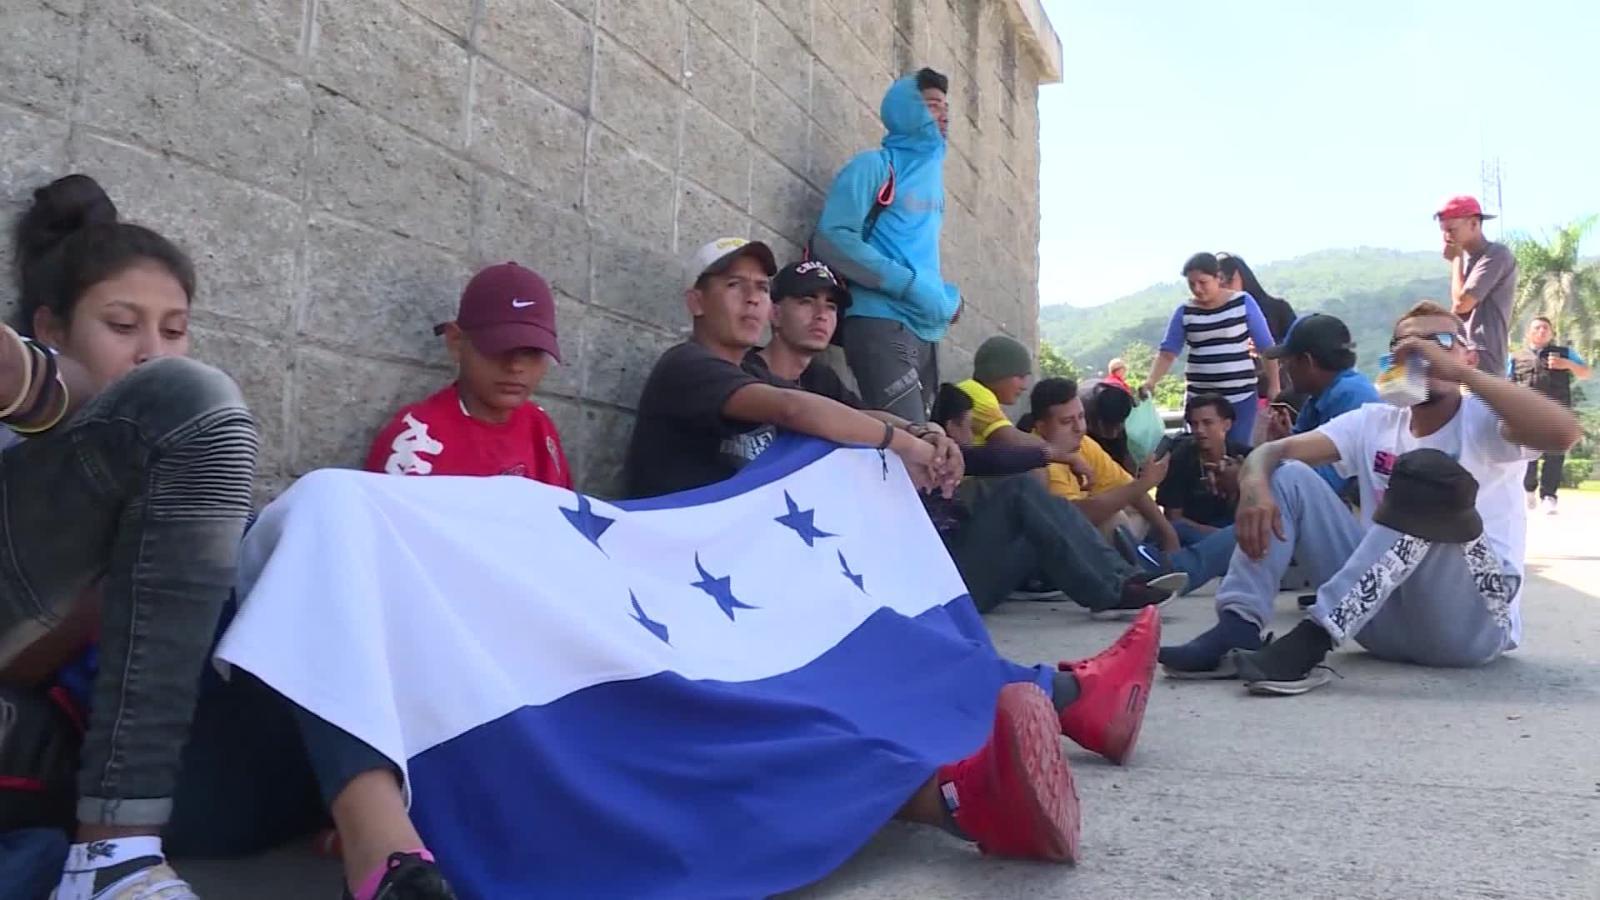 200114184005 honduras chad wolf estados unidos caravana migrantes centroamerica migracion perspectivas mexico cnne 00003019 full 169